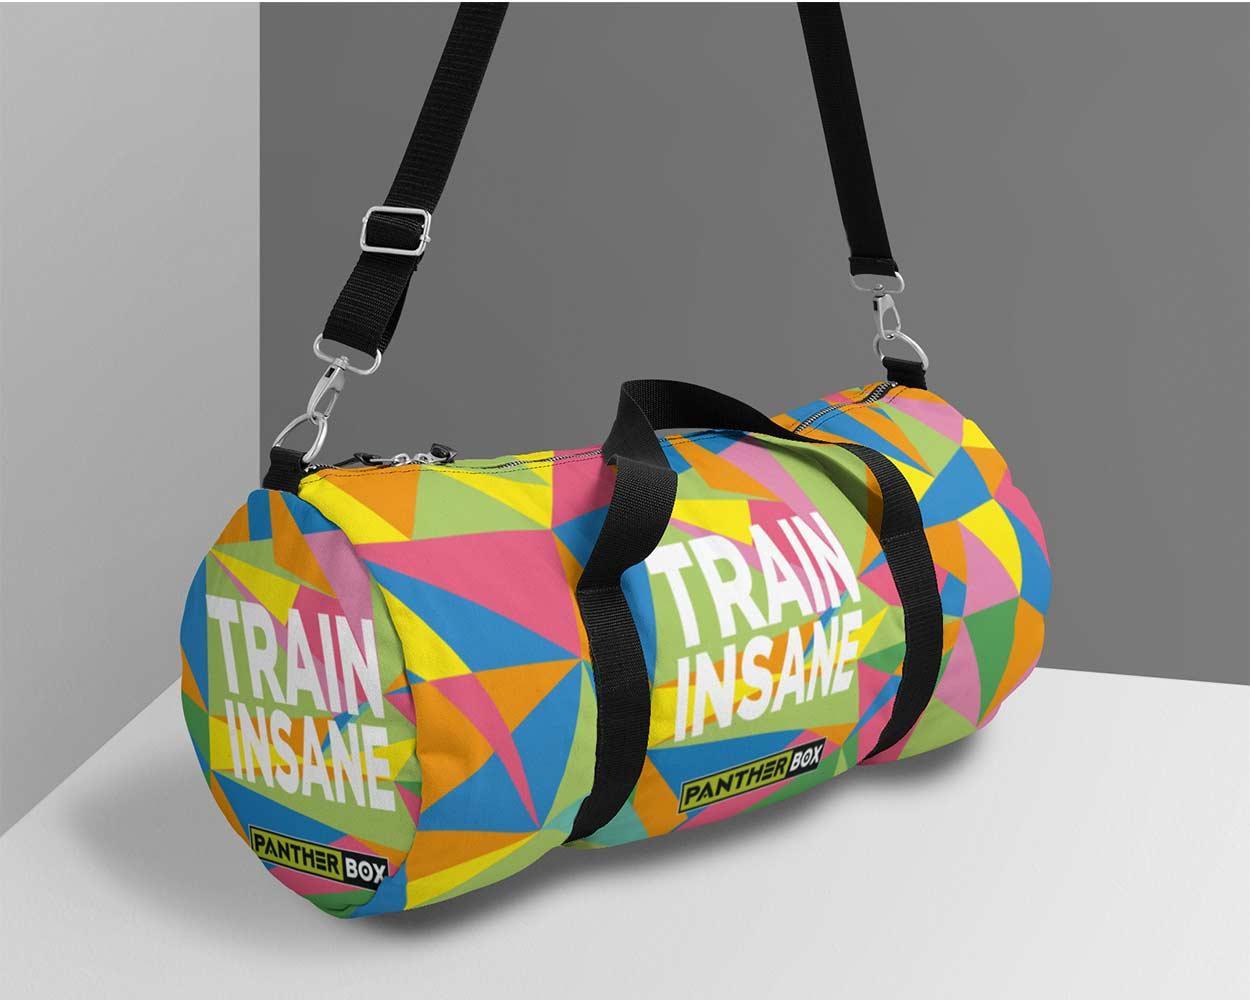 Diseño de bolsa deportiva de colores brillantes.